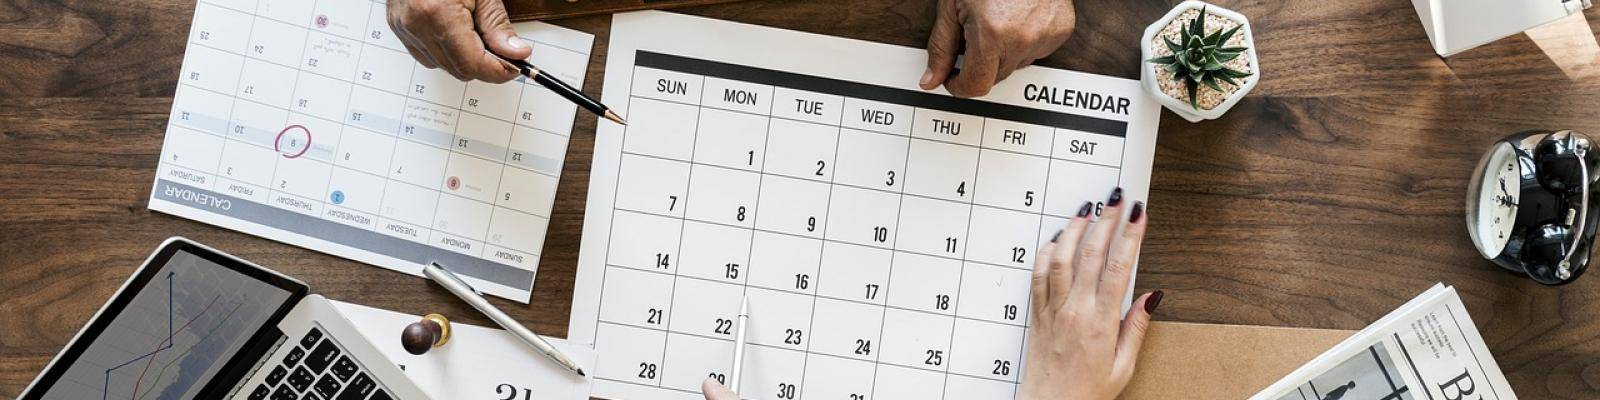 Mensen met kalenders op tafel